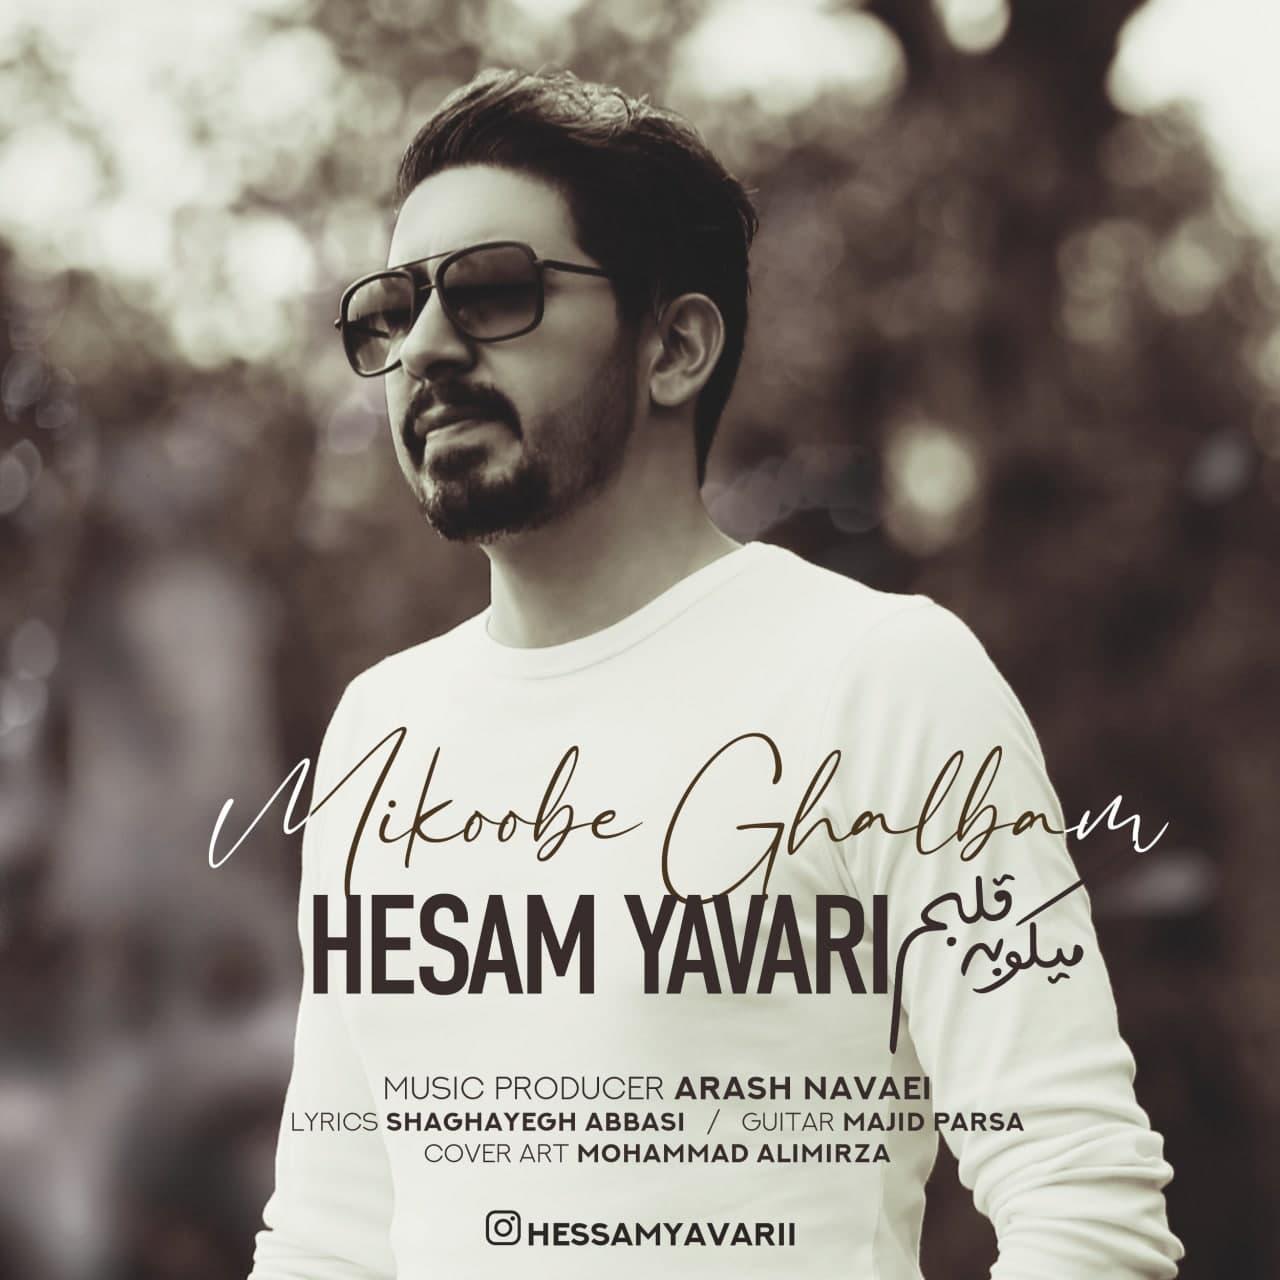 دانلود موزیک جدید حسام یاوری میکوبه قلبم